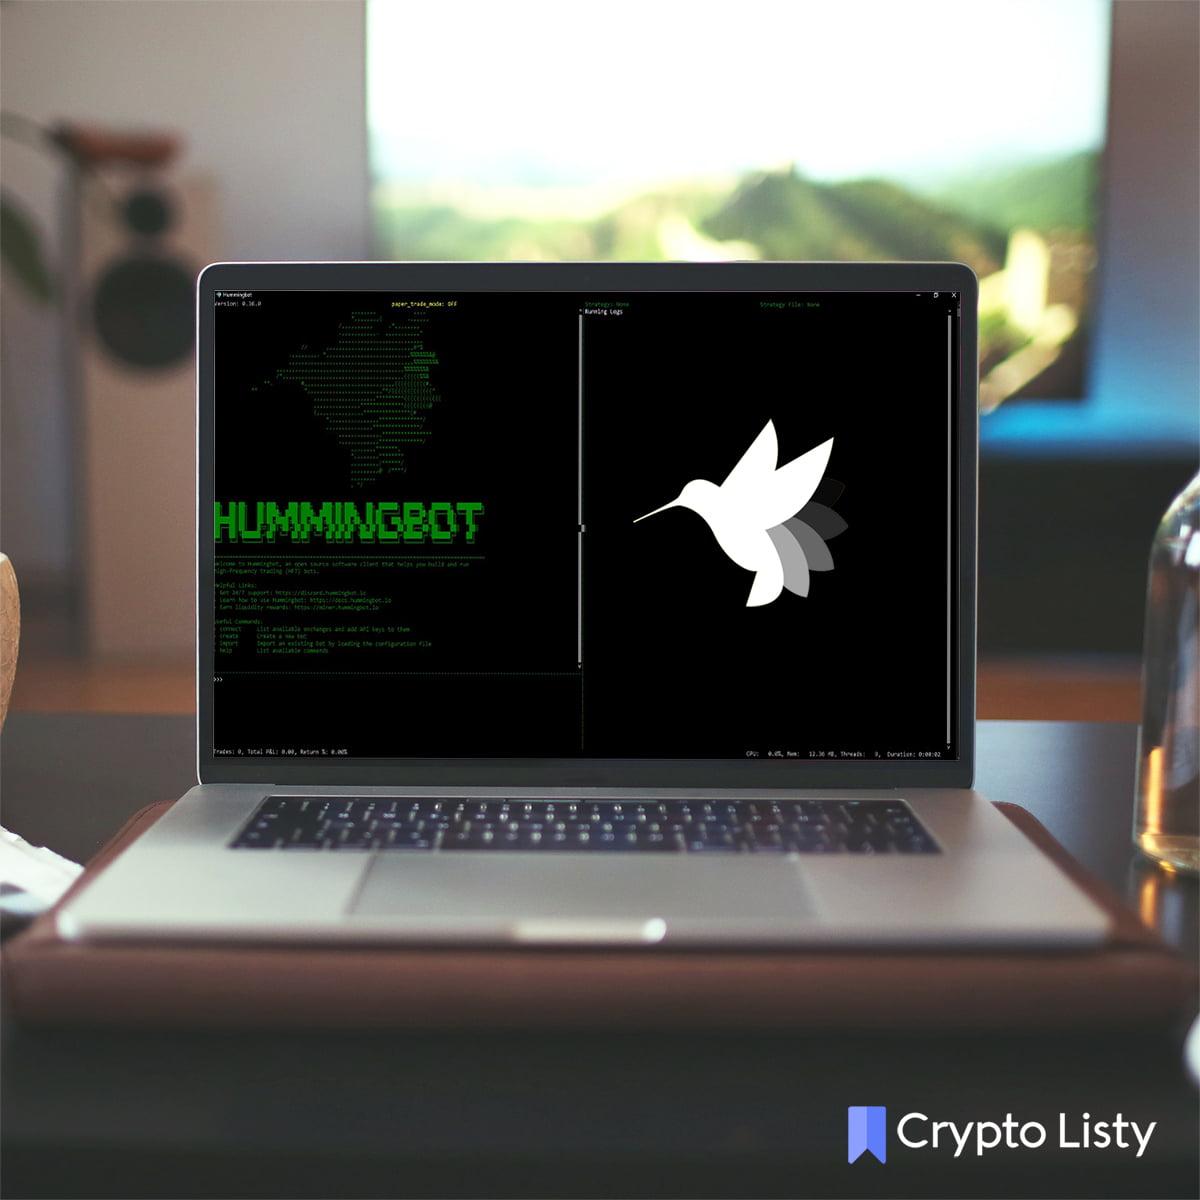 hummingbot alternatives